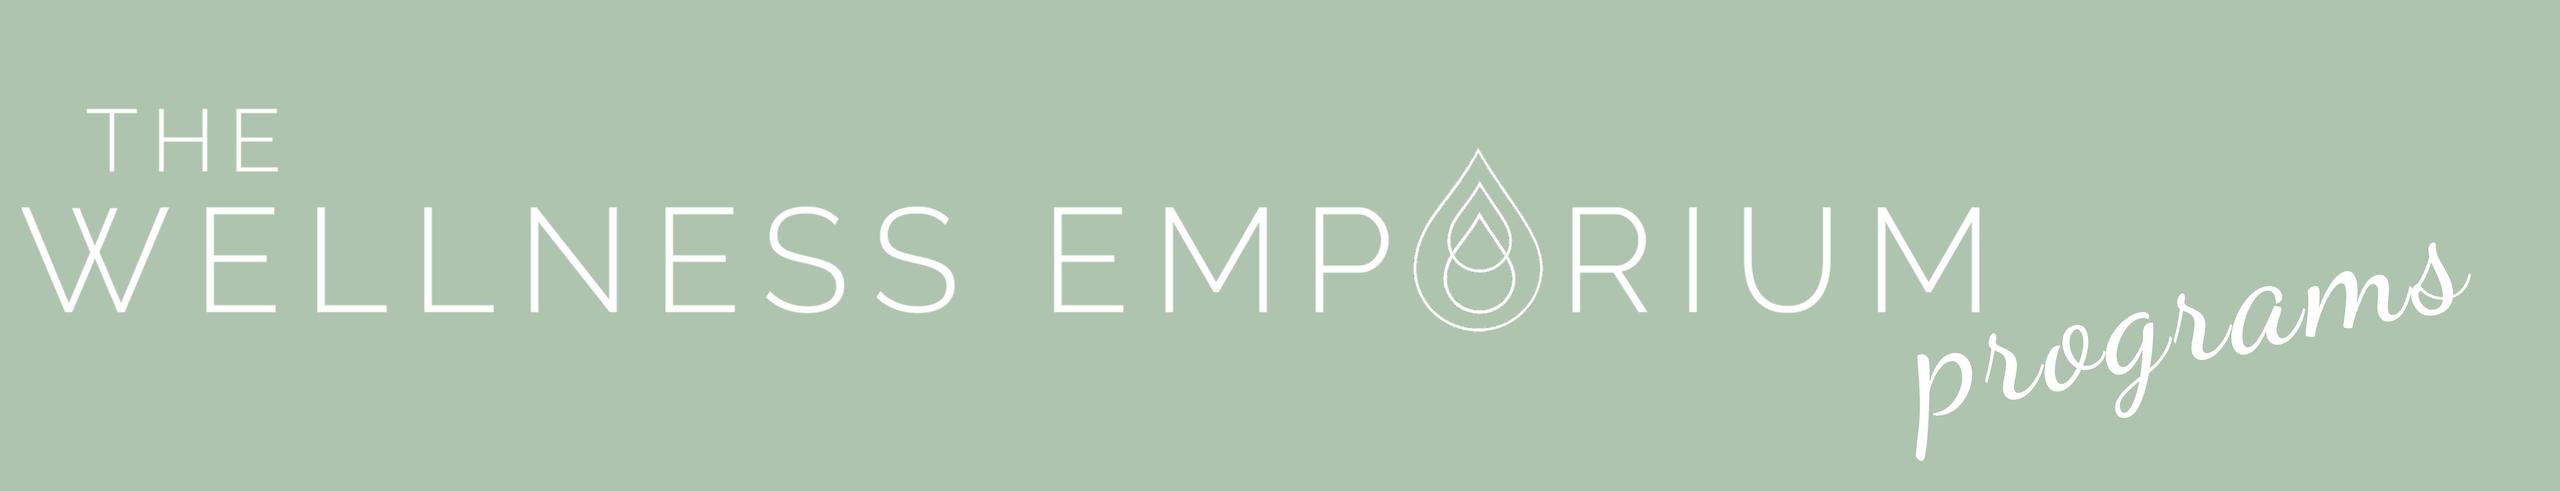 The Wellness Emporium Programs